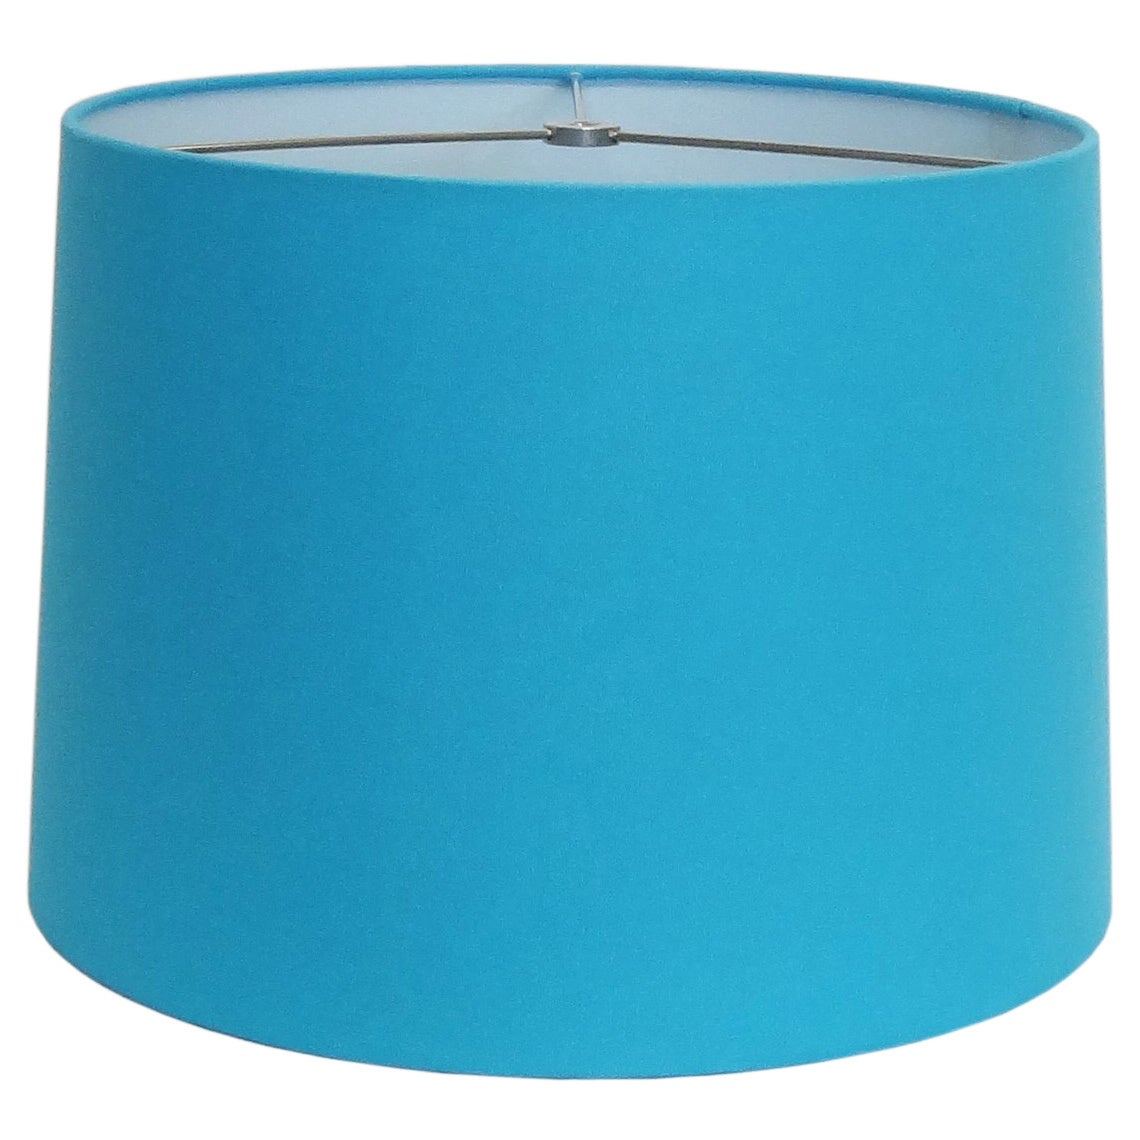 Turquoise Round Hardback Shade, Blue (Fabric)